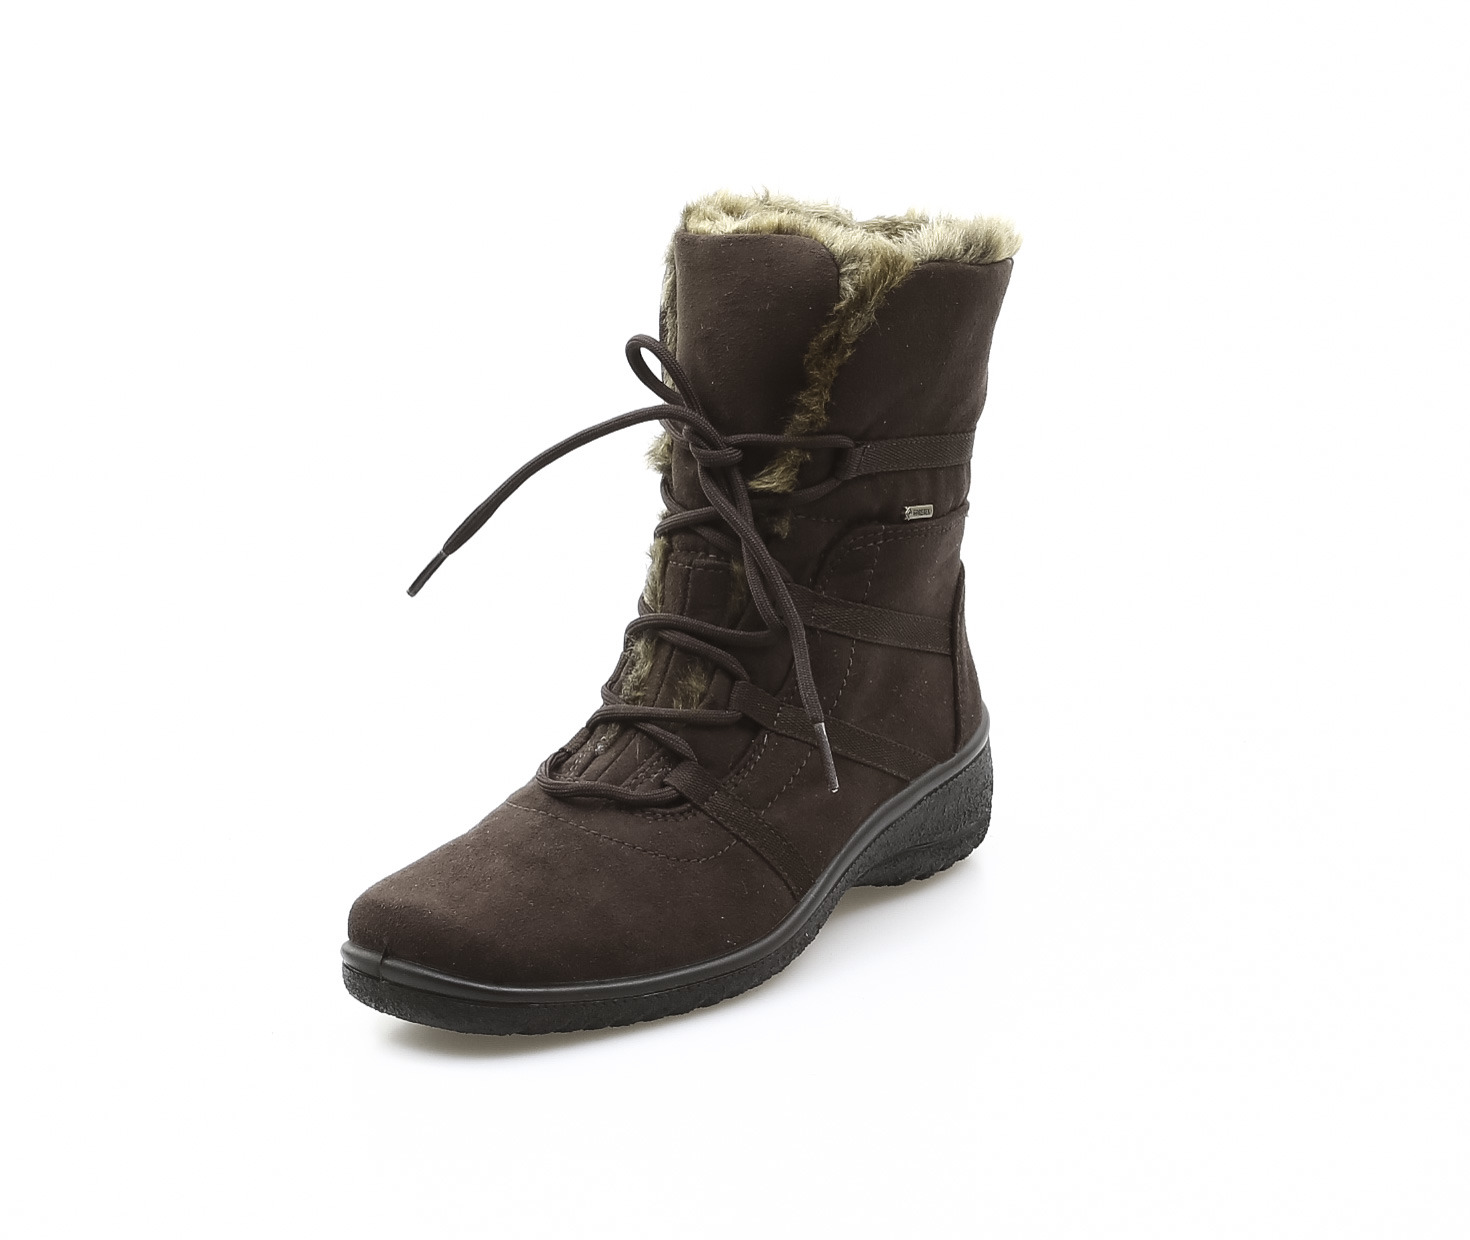 8e7236f75fc Soňa - Dámska obuv - Kotníčky - Dámska obuv šnurovacia zateplená